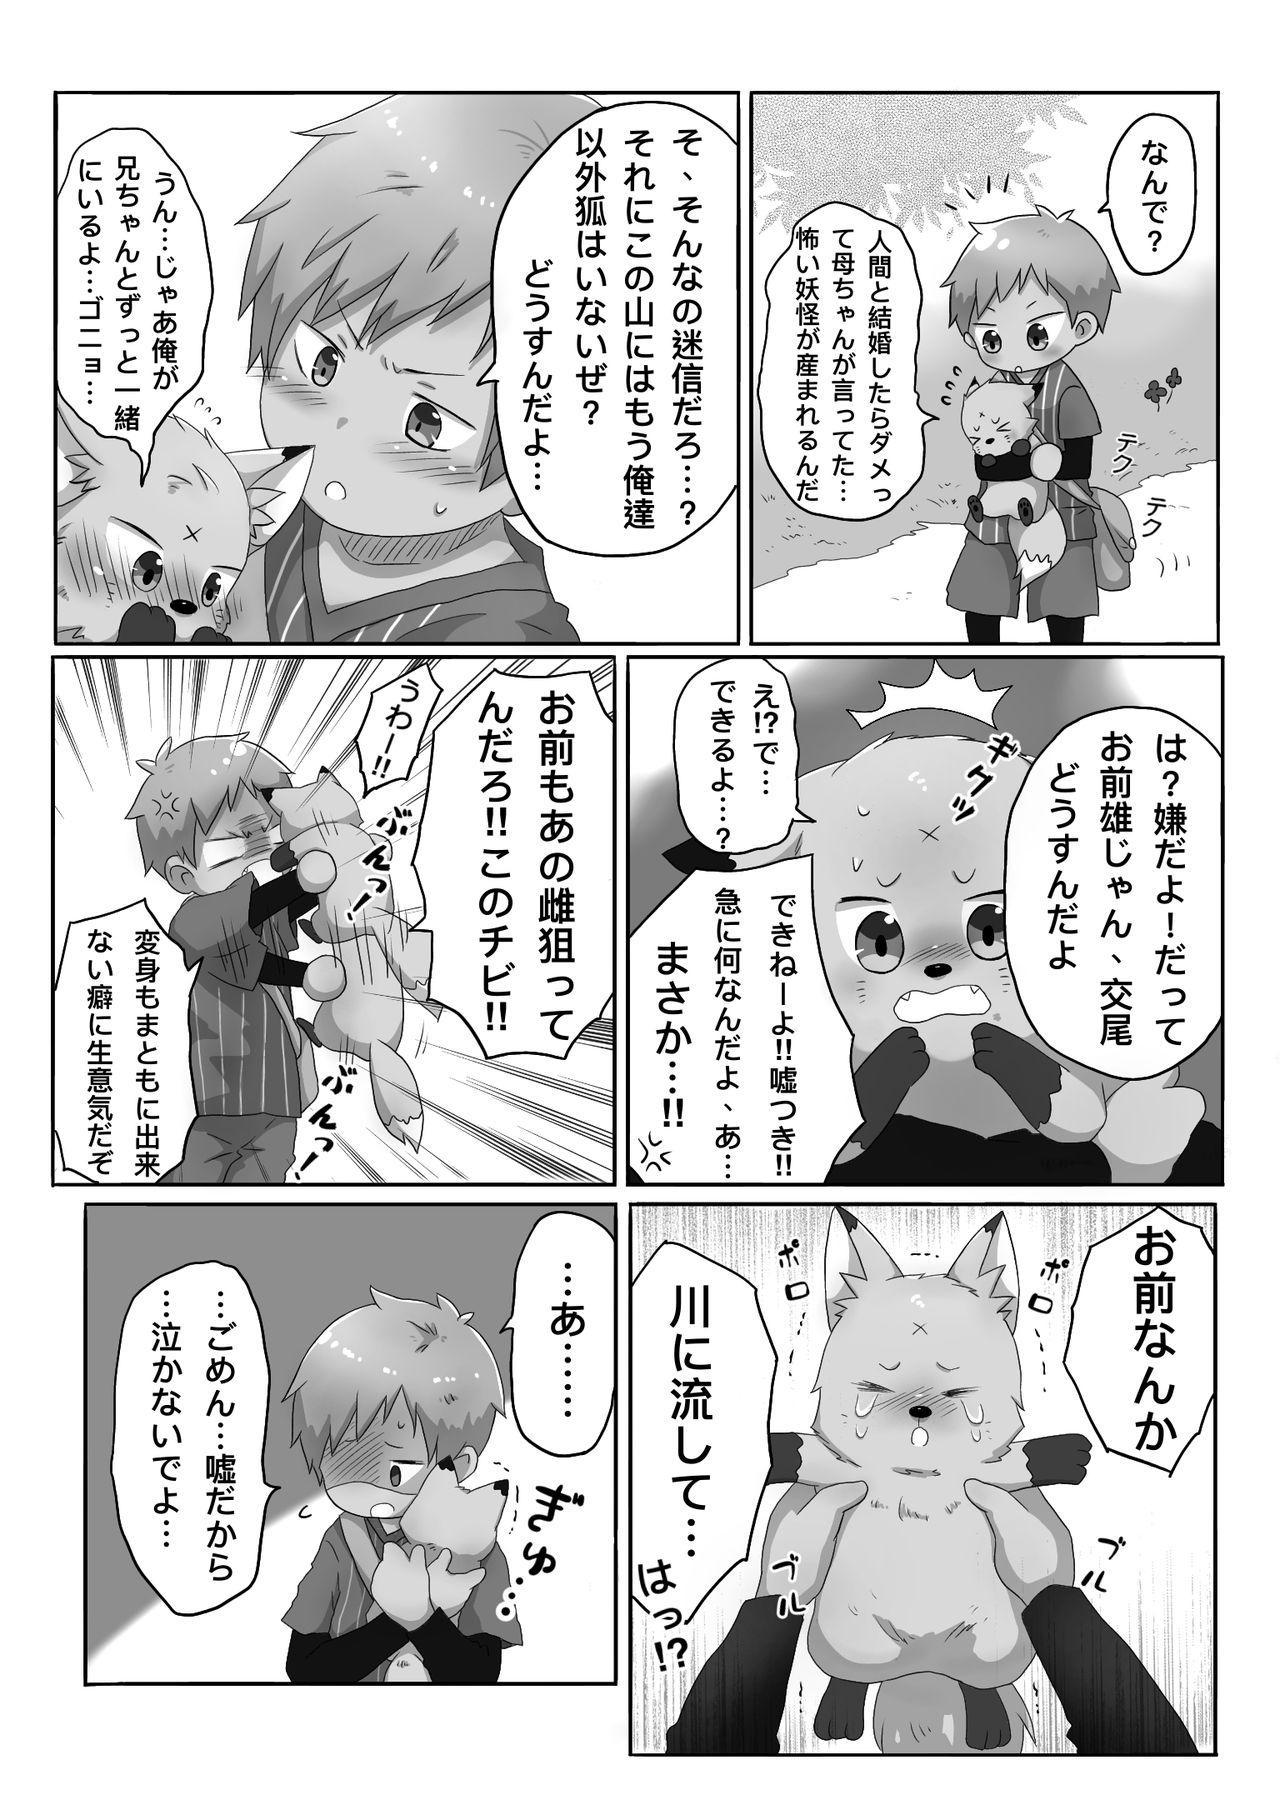 ゴロタ - 狐男児の話 9